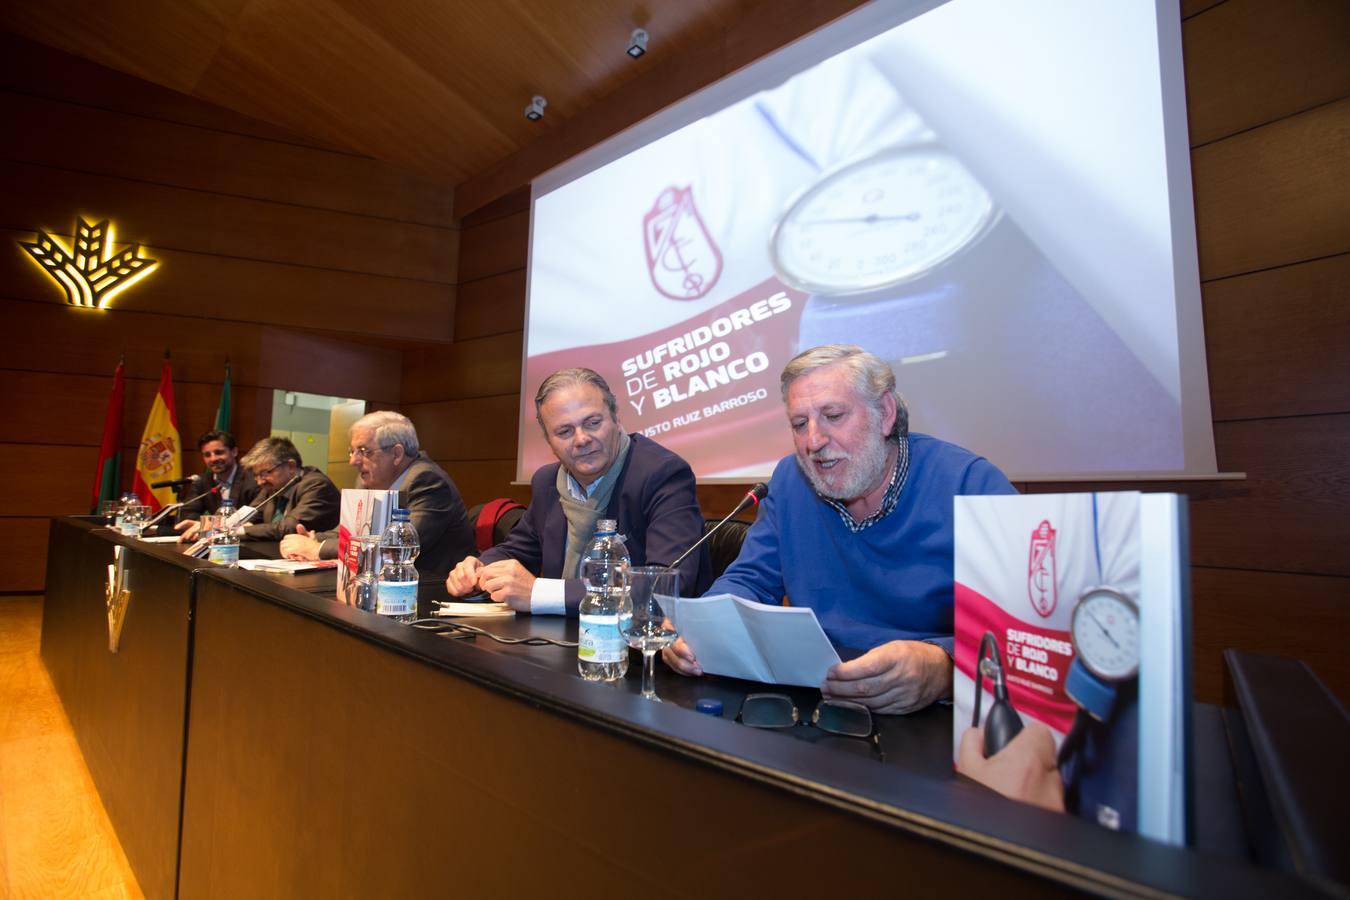 Presentado sufridores en rojo y blanco de justo ruiz for Caja rural granada oficinas